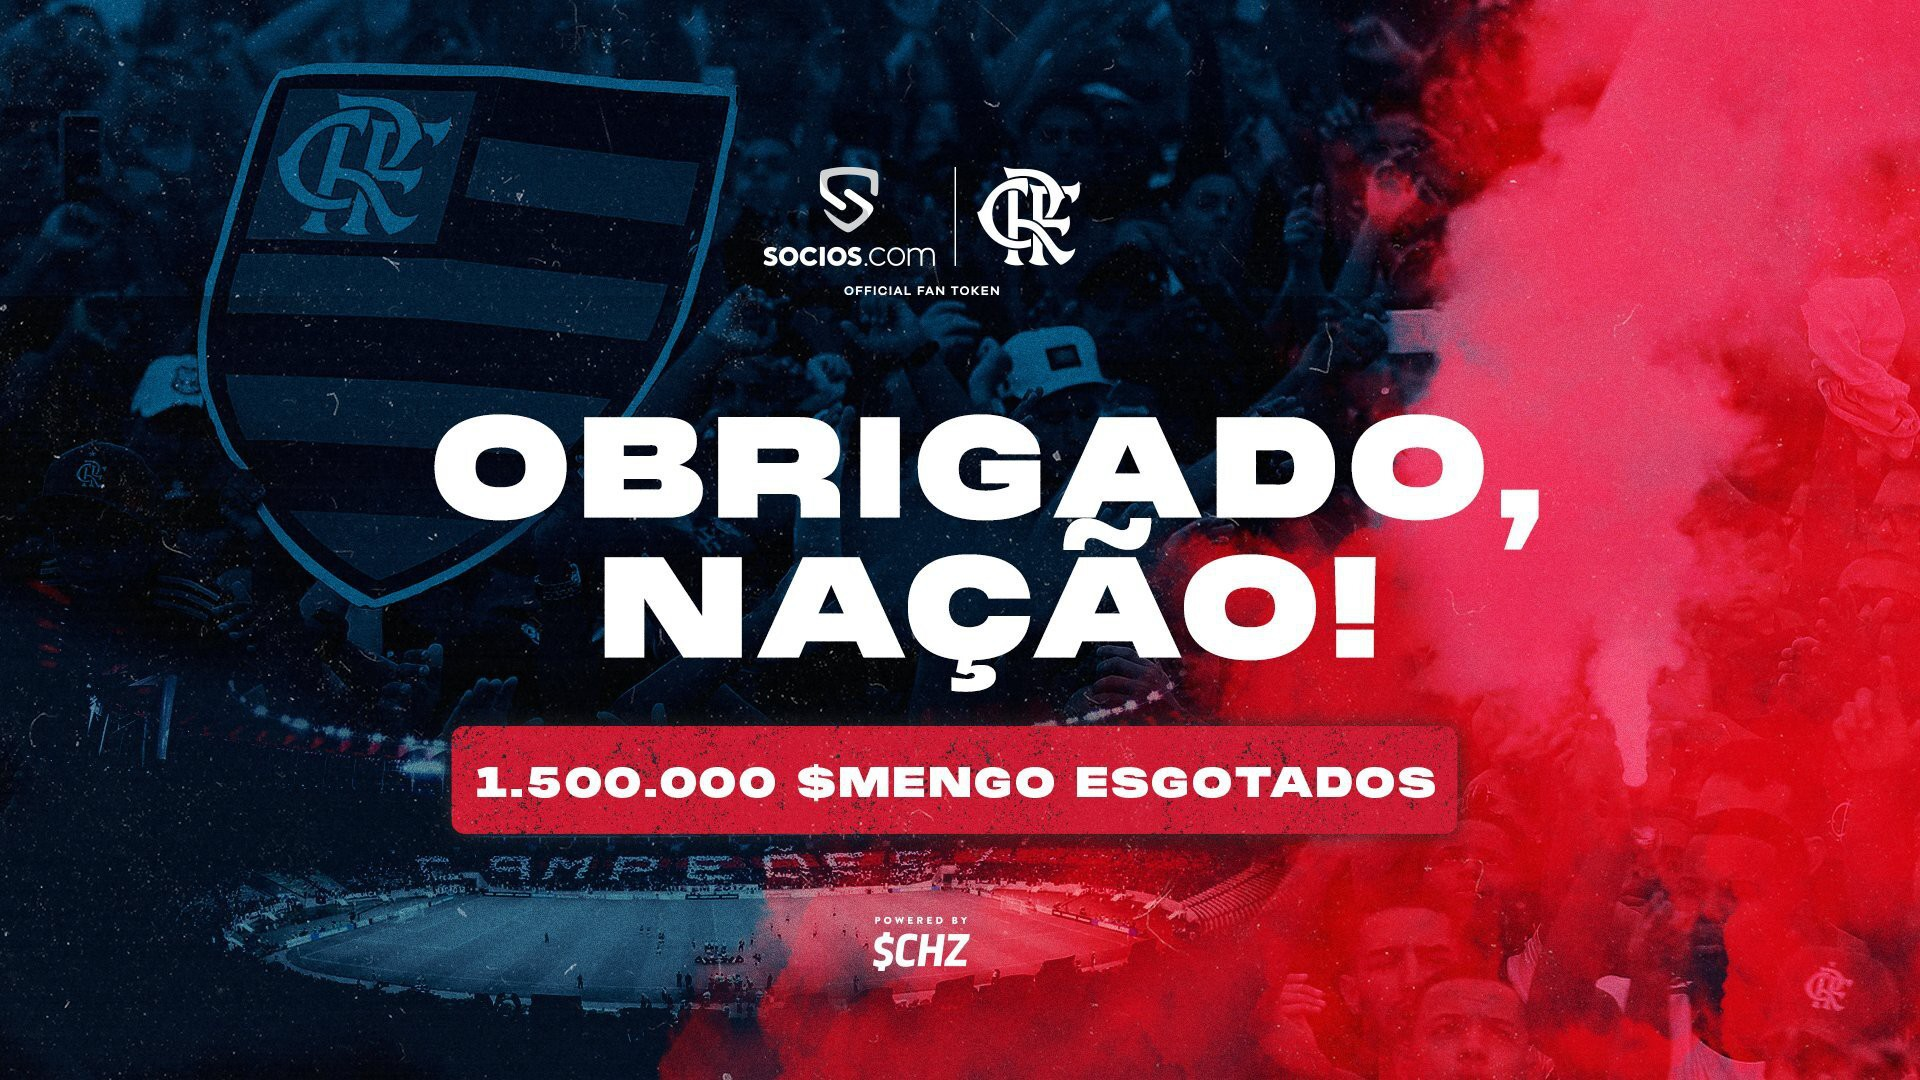 Flamengo bate recorde mundial e esgota 1,5 milhão de fã token em menos de duas horas